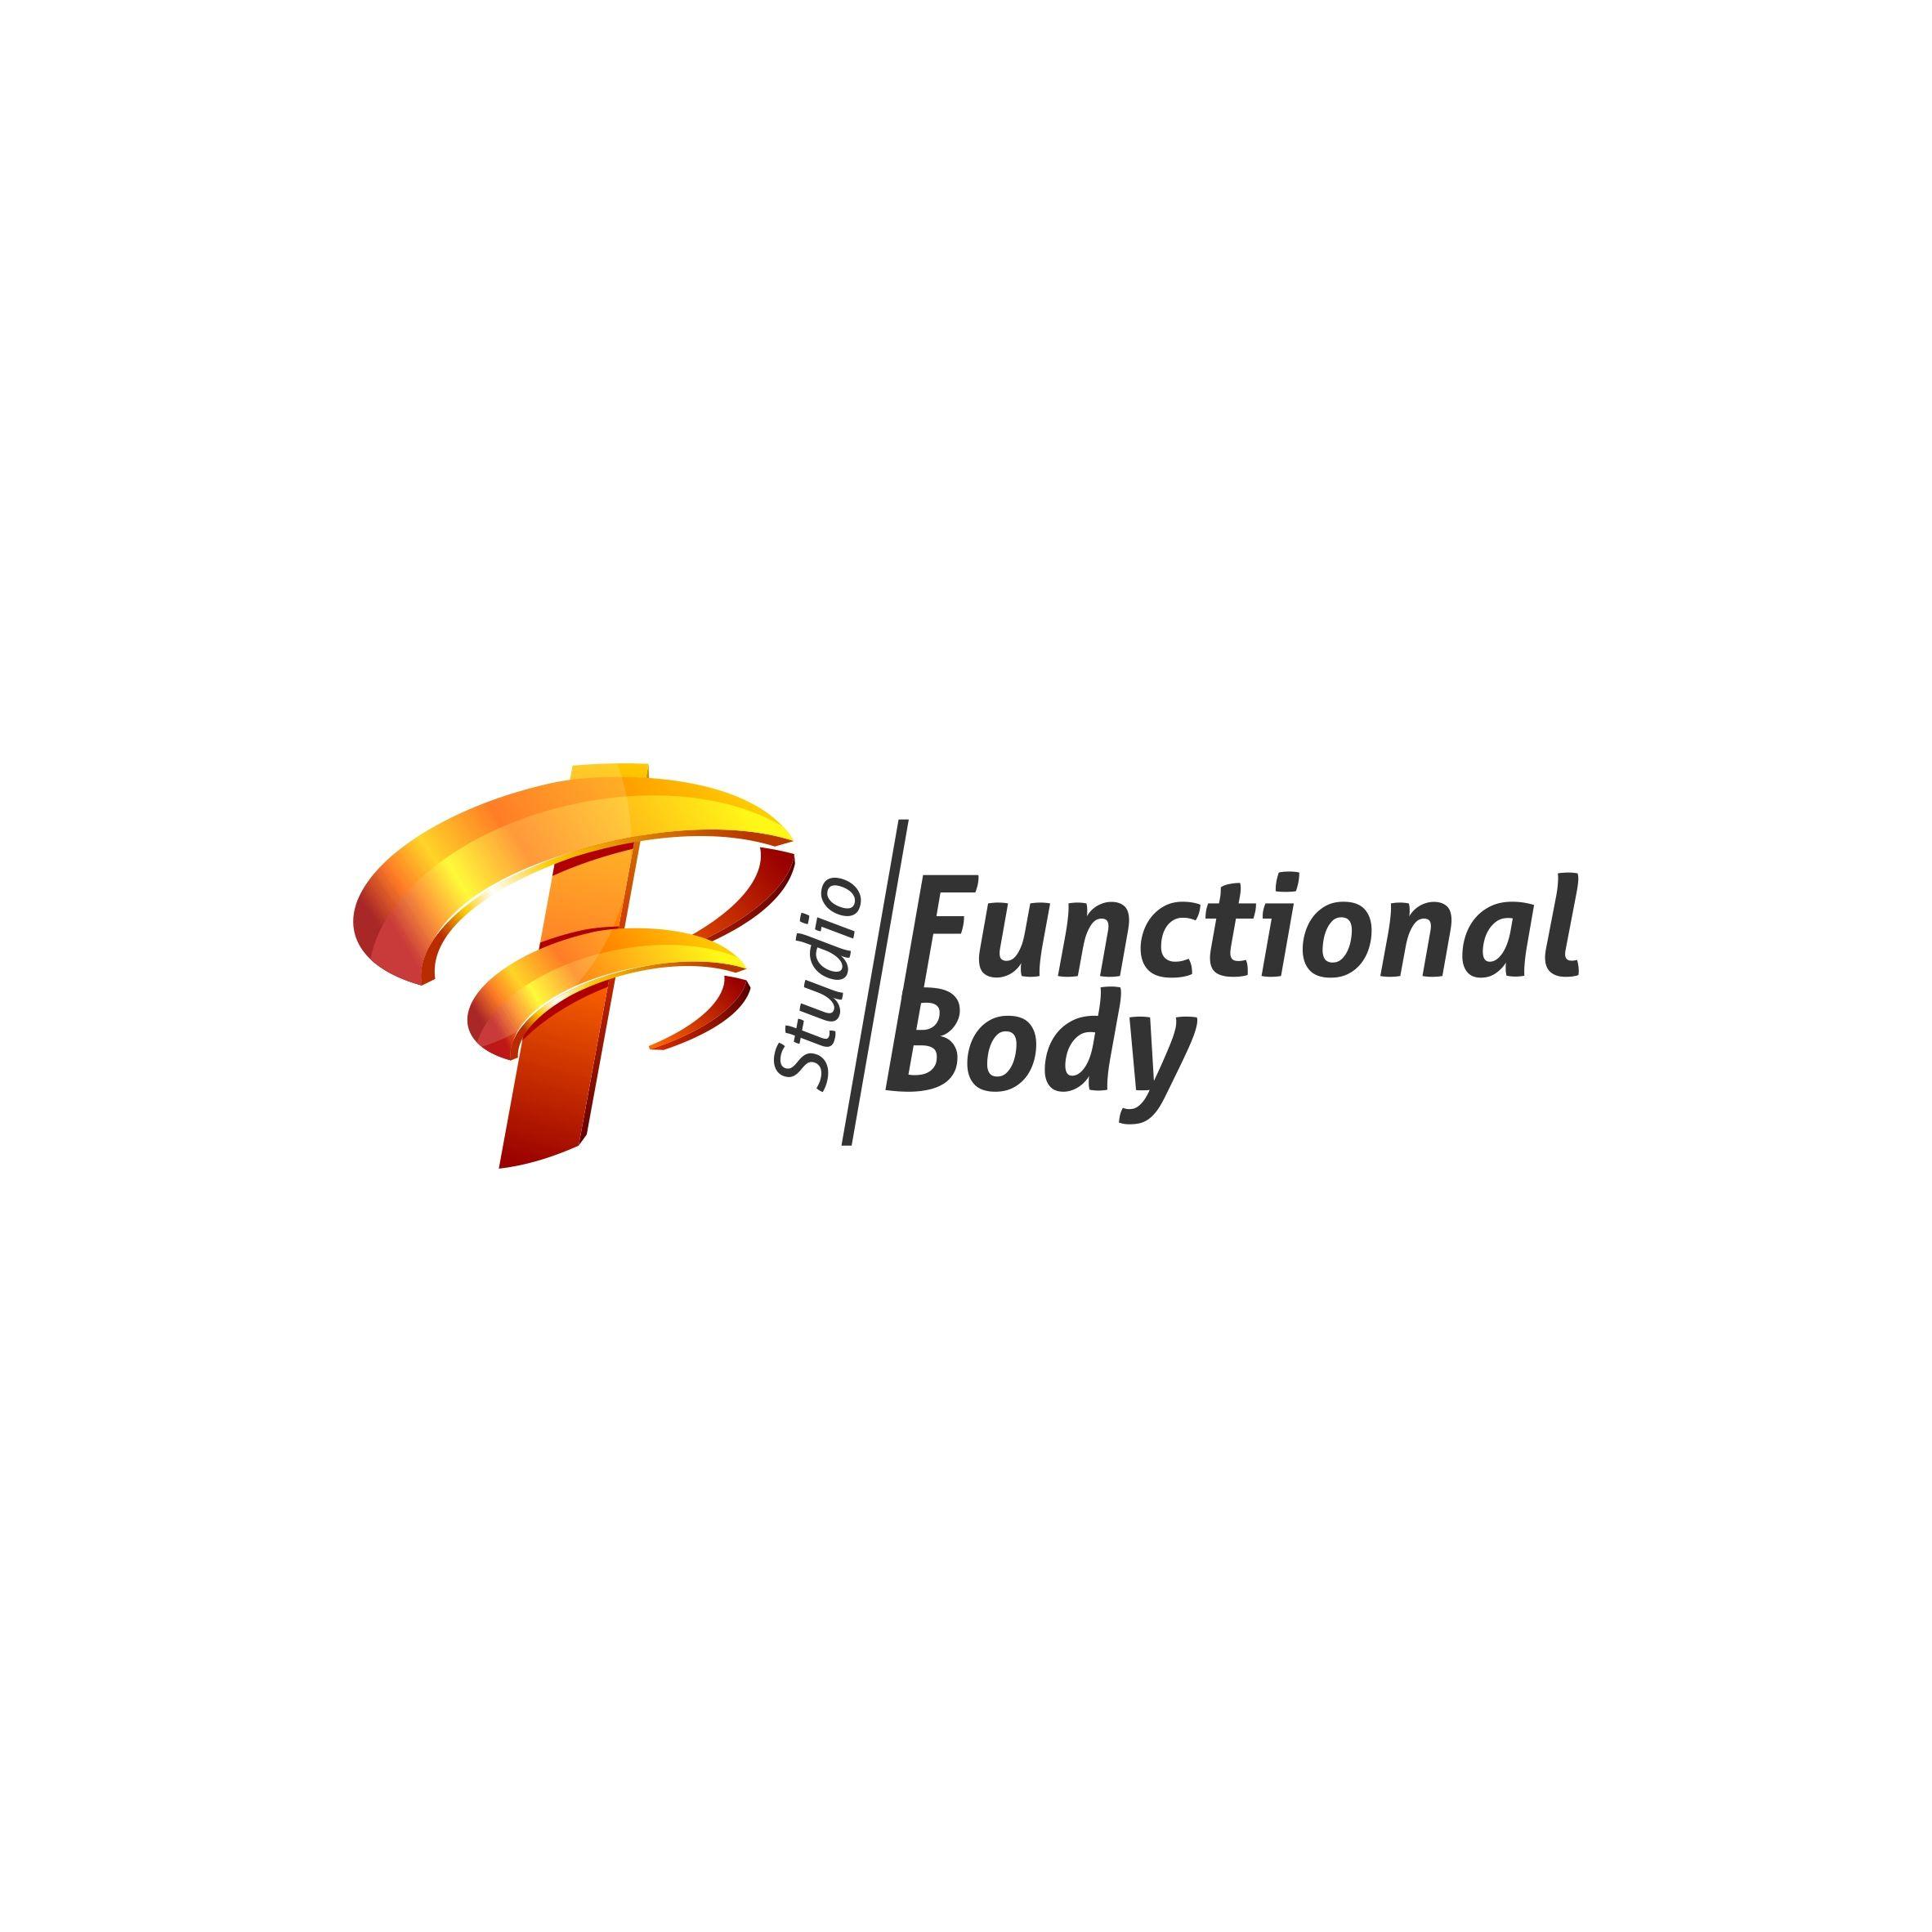 Лого и фирменный стиль для спортивной студии  - дизайнер titovichbit